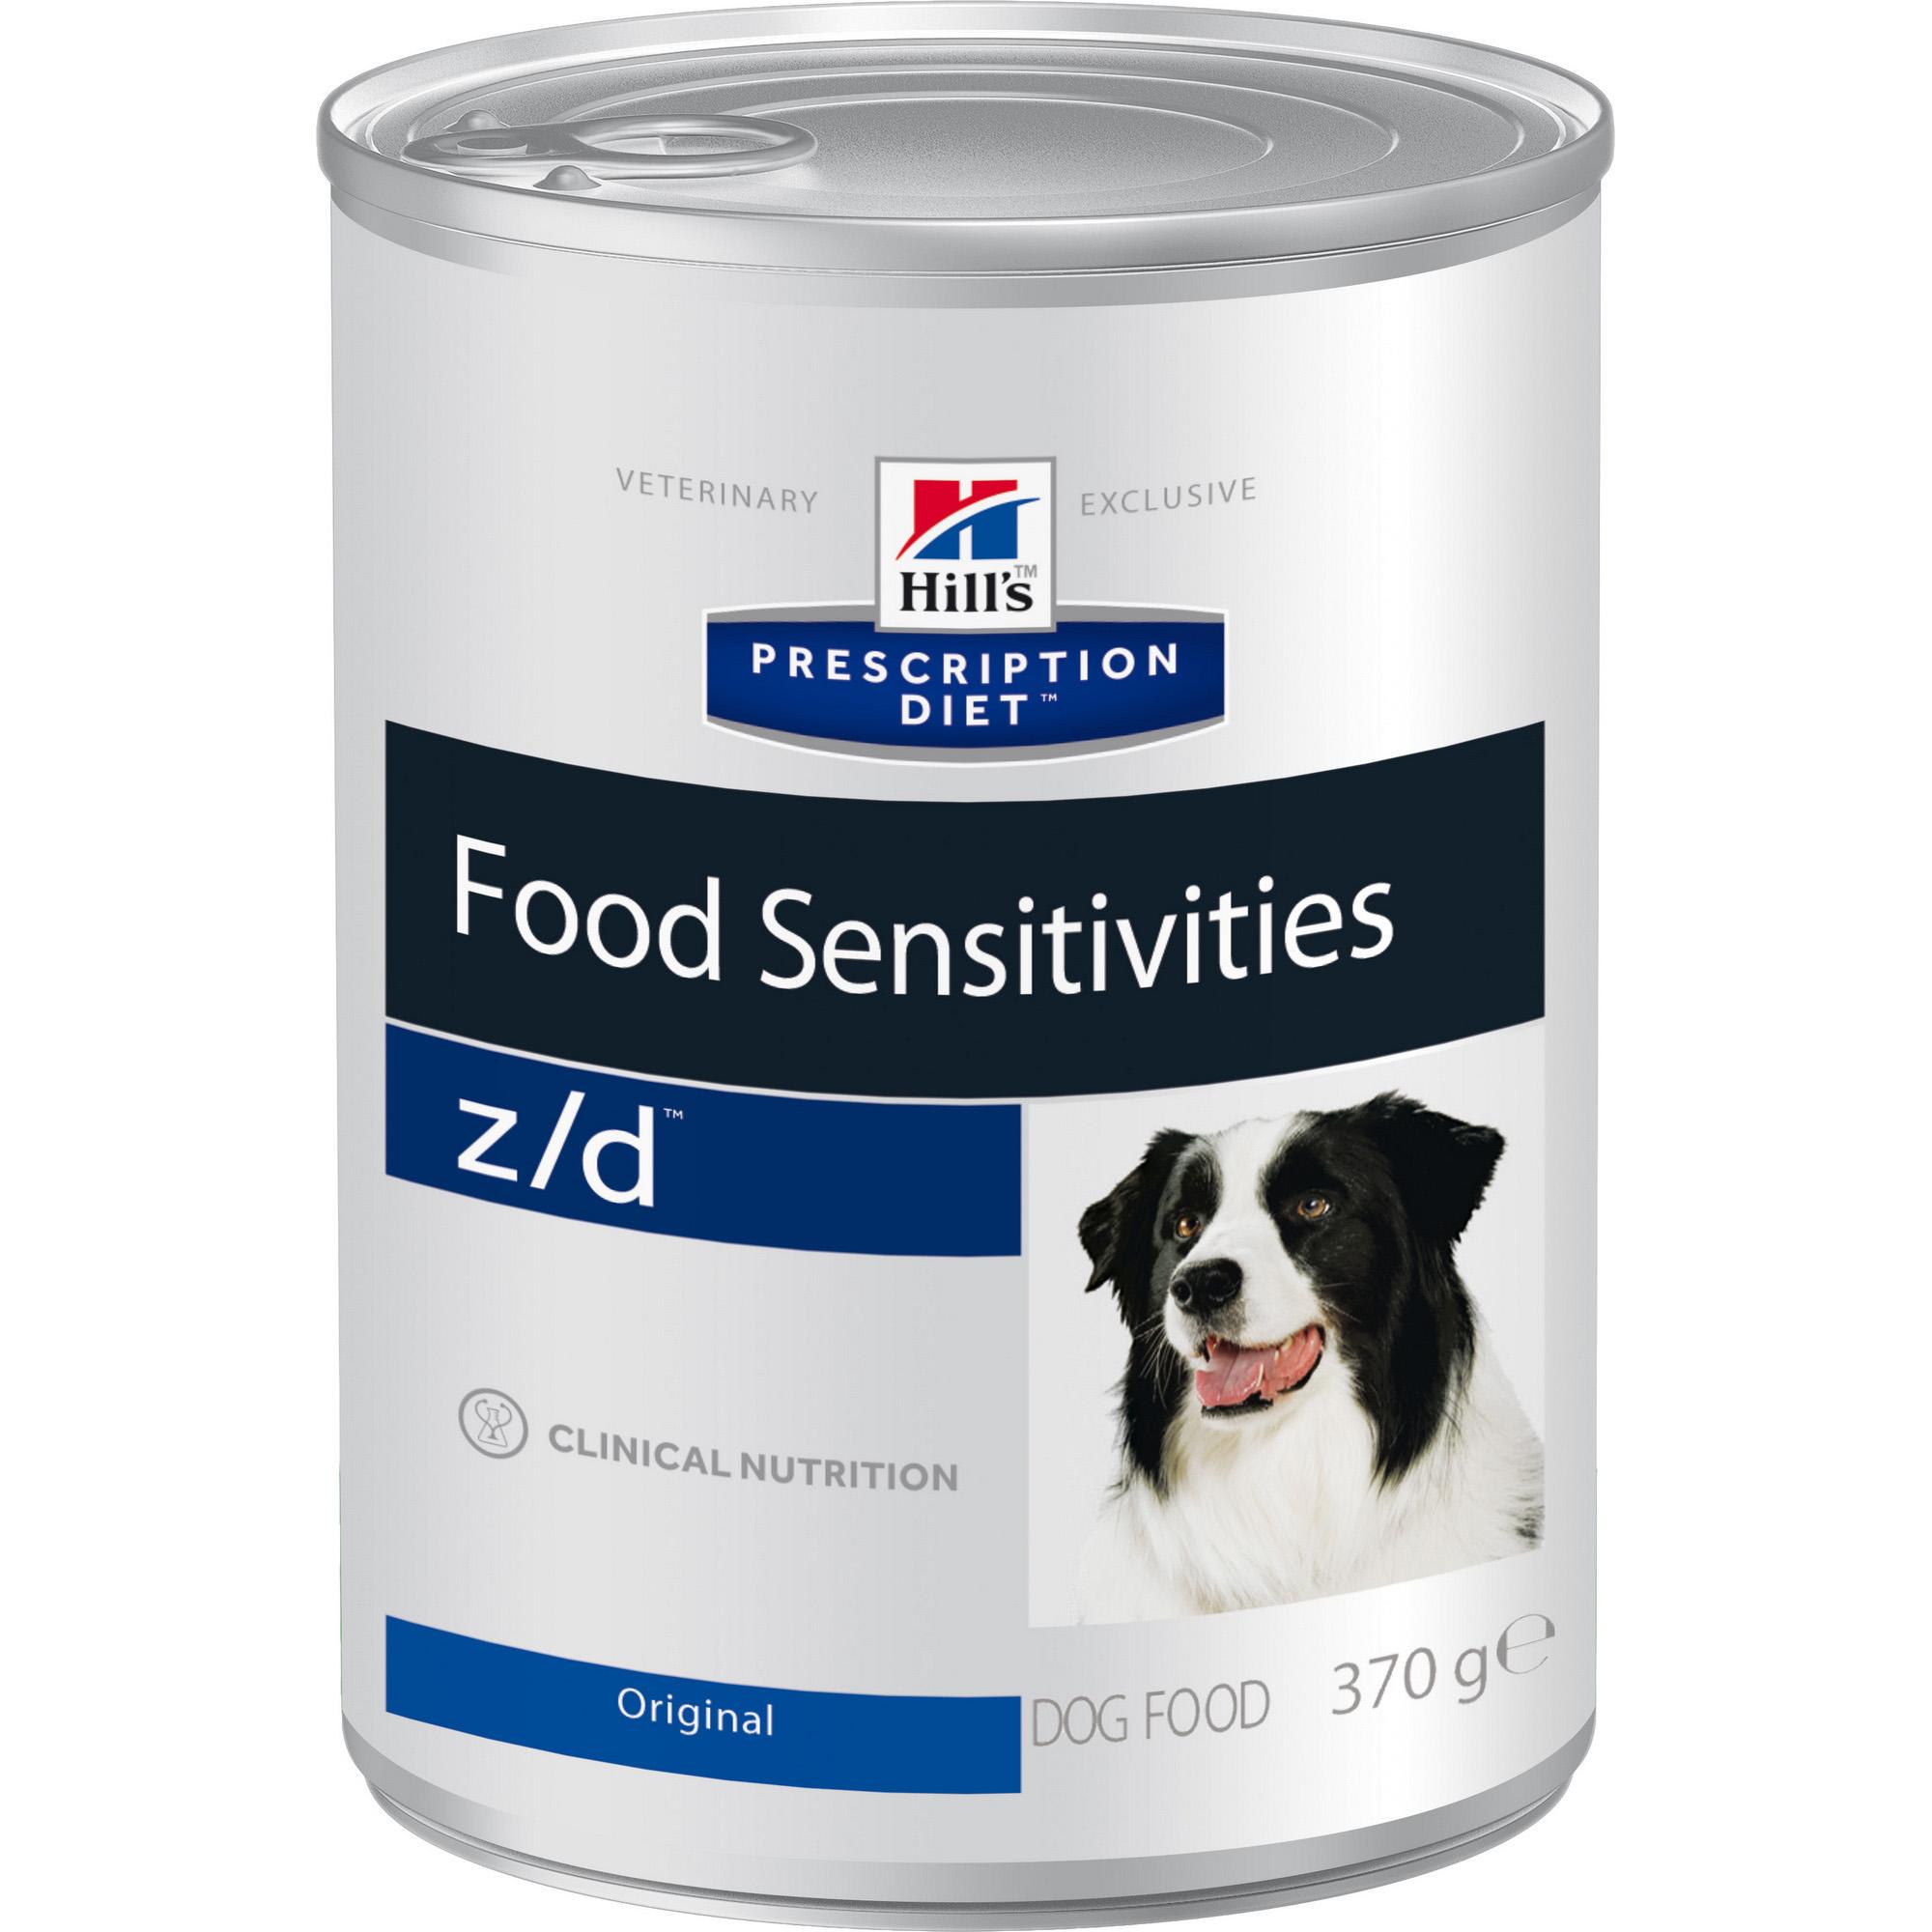 Фото - Корм для собак Hill's Prescription Diet Food Sensitivities z/d При пищевой аллергии 370 г корм для собак hill s prescription diet canine z d ultra при пищевой аллергии конс 370г